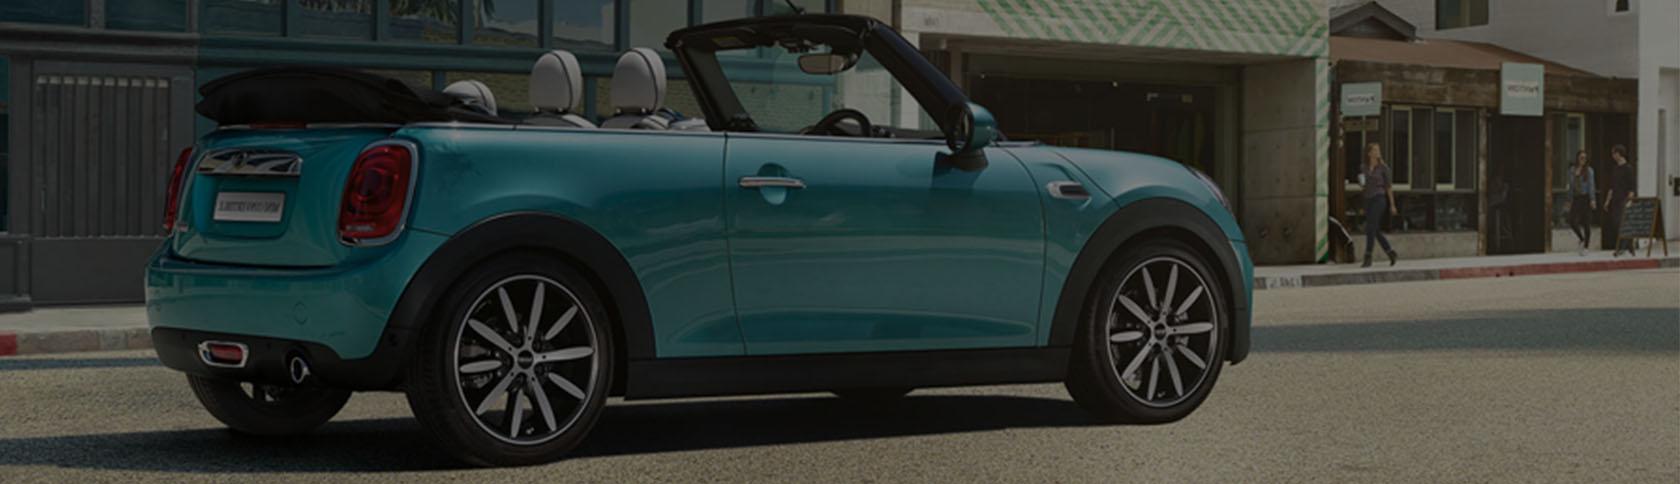 mini-cooper-used-car-warranty-02